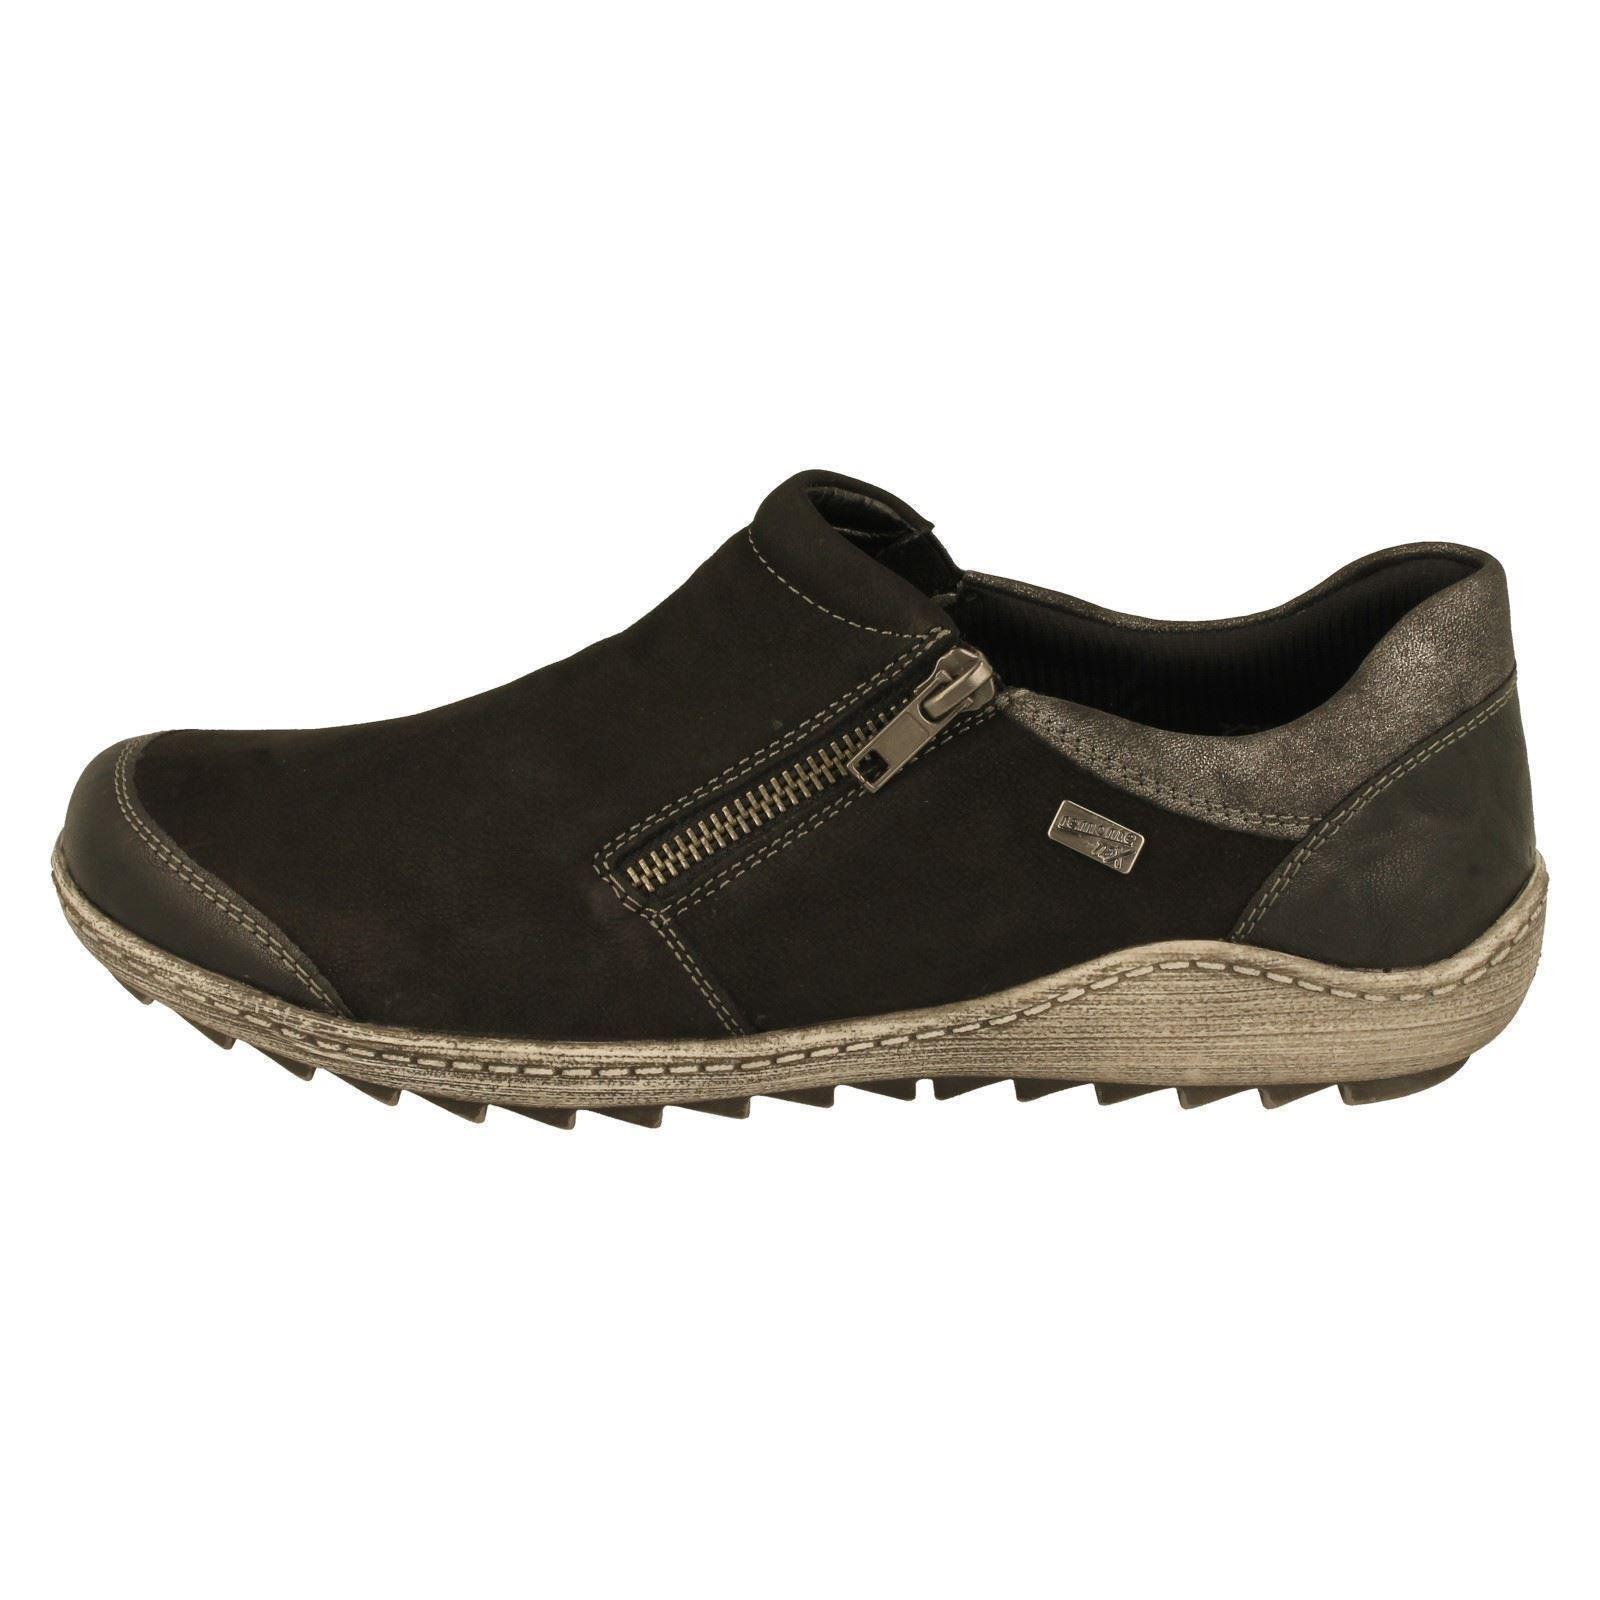 Damen Schwarz Kombination Schuhe Remonte R1403 Schwarz zZzBW0